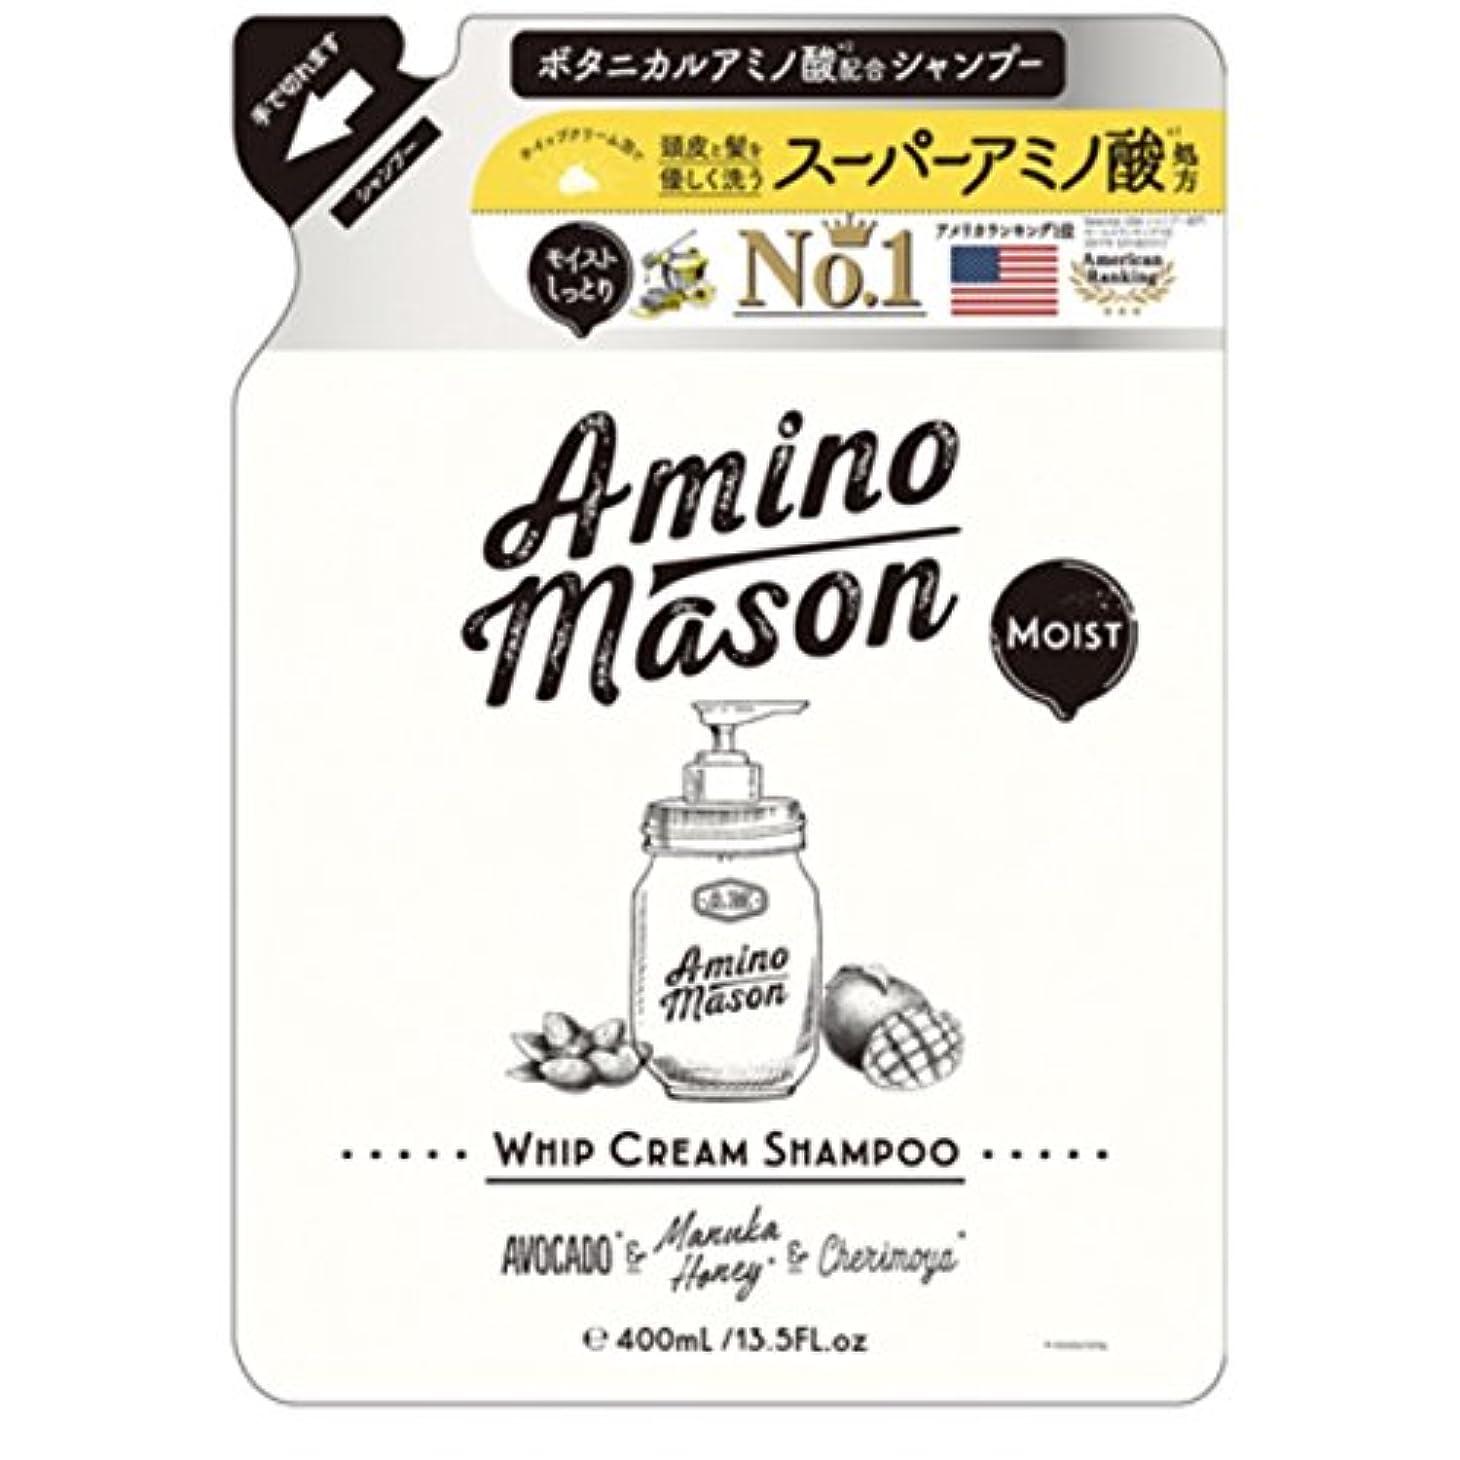 【大人気】 ステラシード アミノメイソン モイスト ミルククリーム トリートメント 400ml(詰め替え)